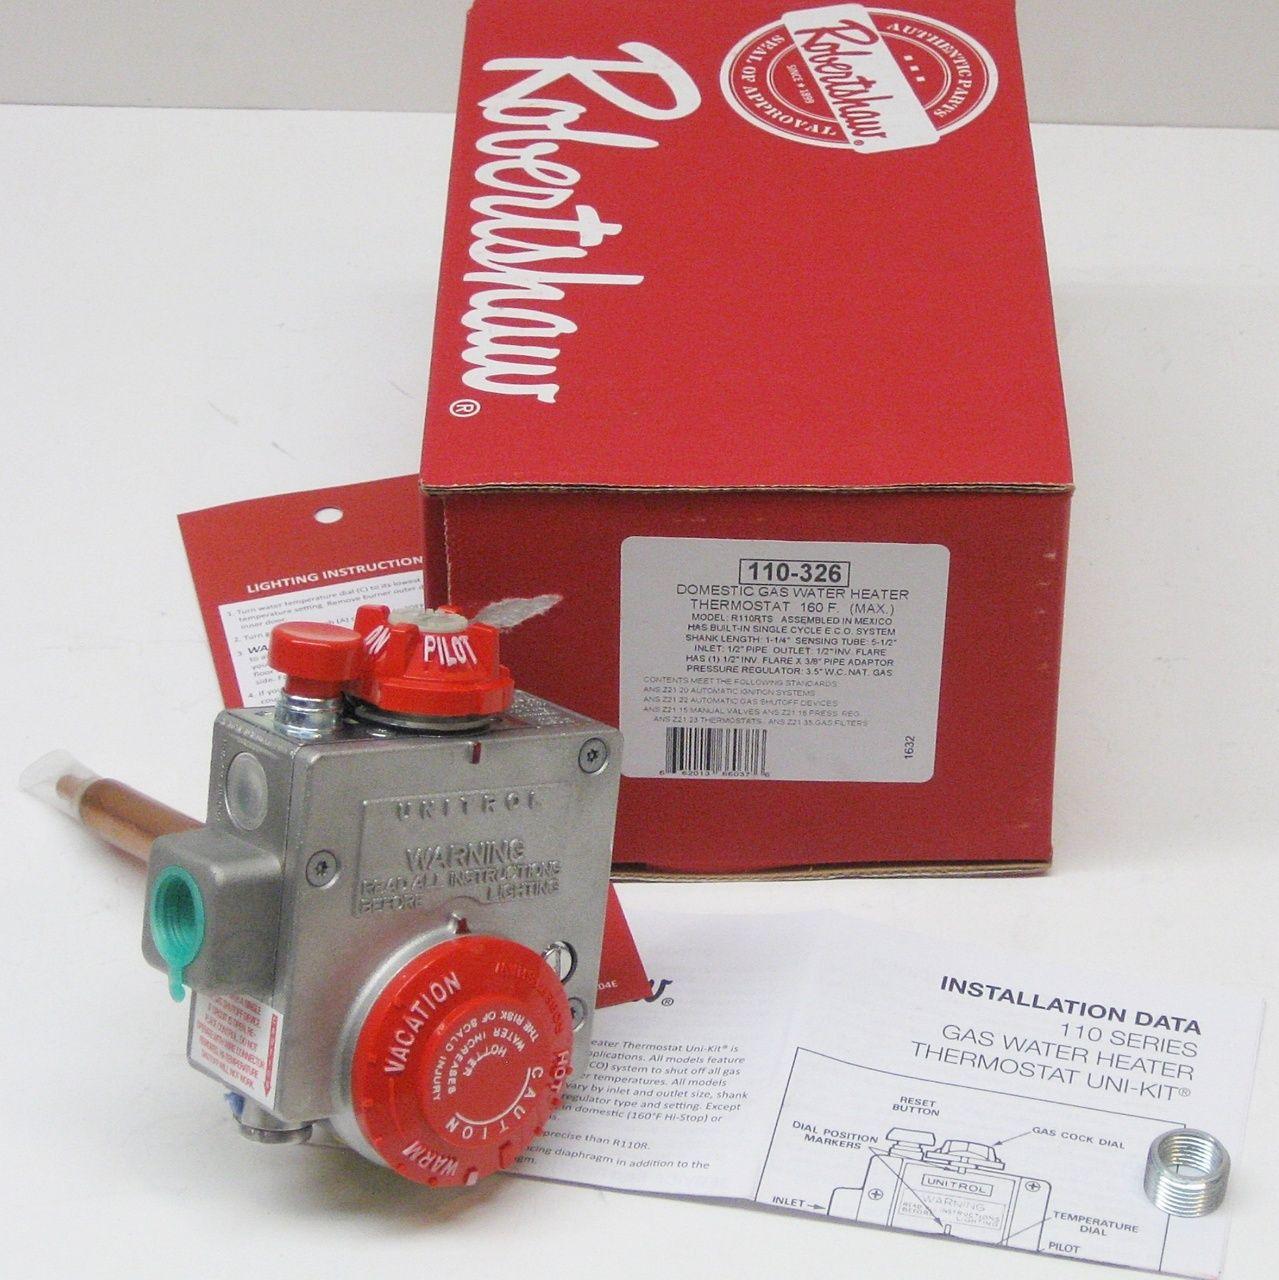 Gas Water Heater Thermostat Valve Robertshaw 110 326 Gas Water Heater Water Heater Thermostat Water Heater